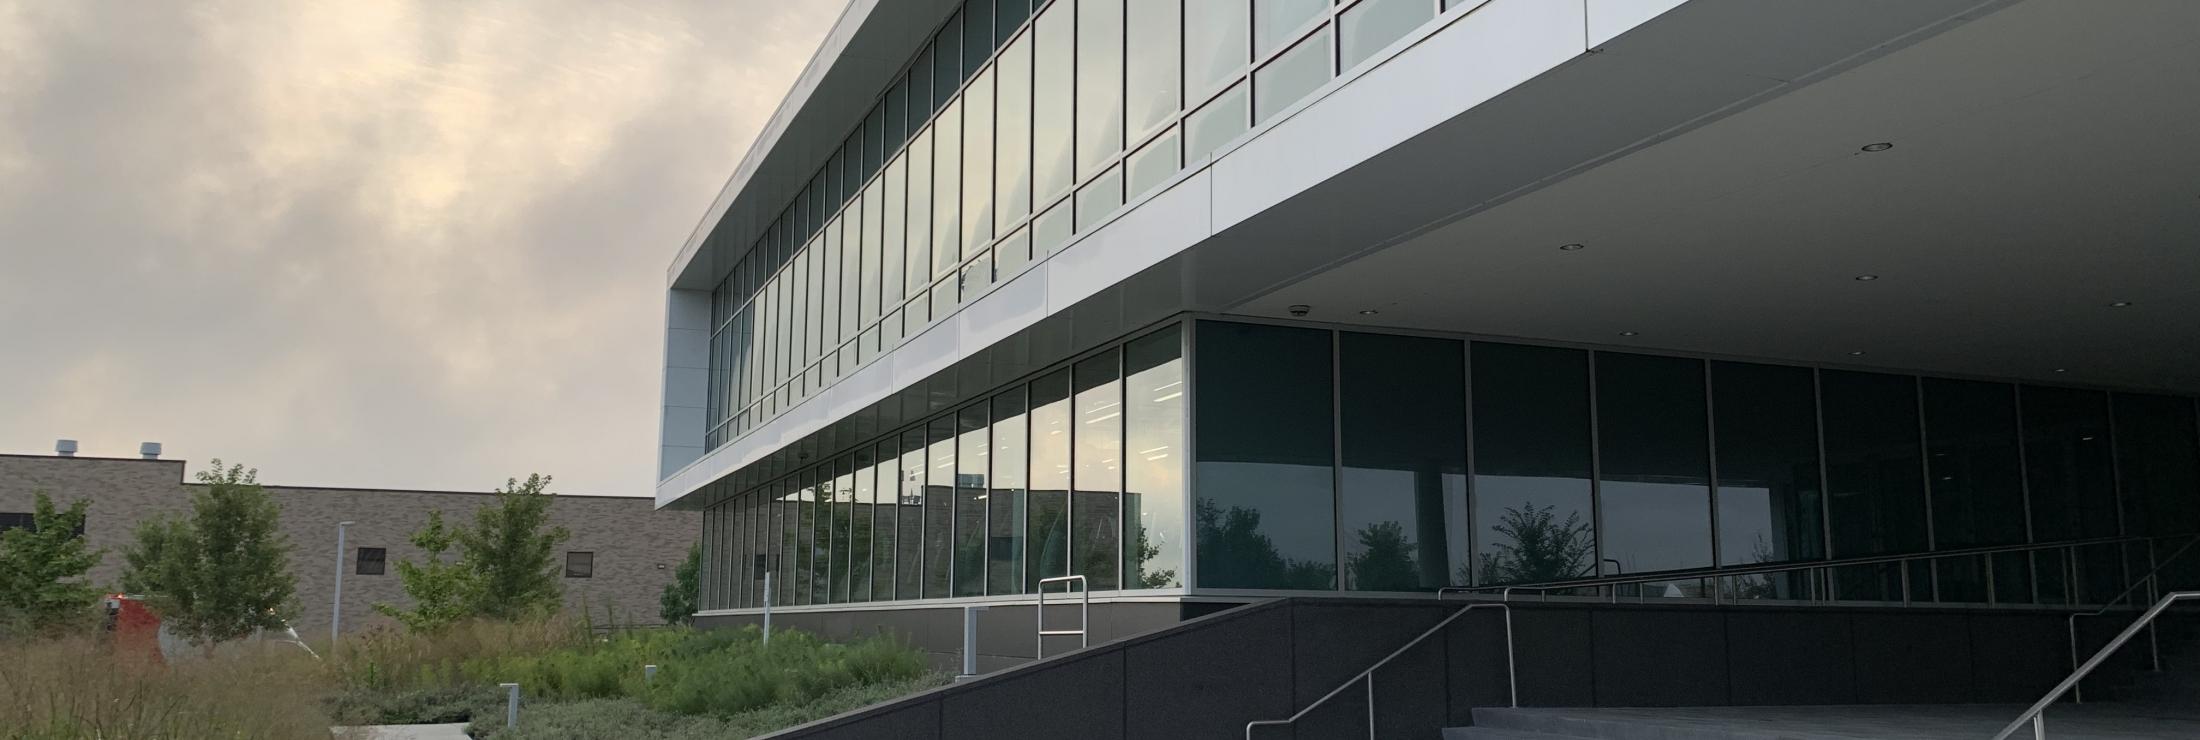 Cladding Corp - Roche Diagnostics - Swisspearl